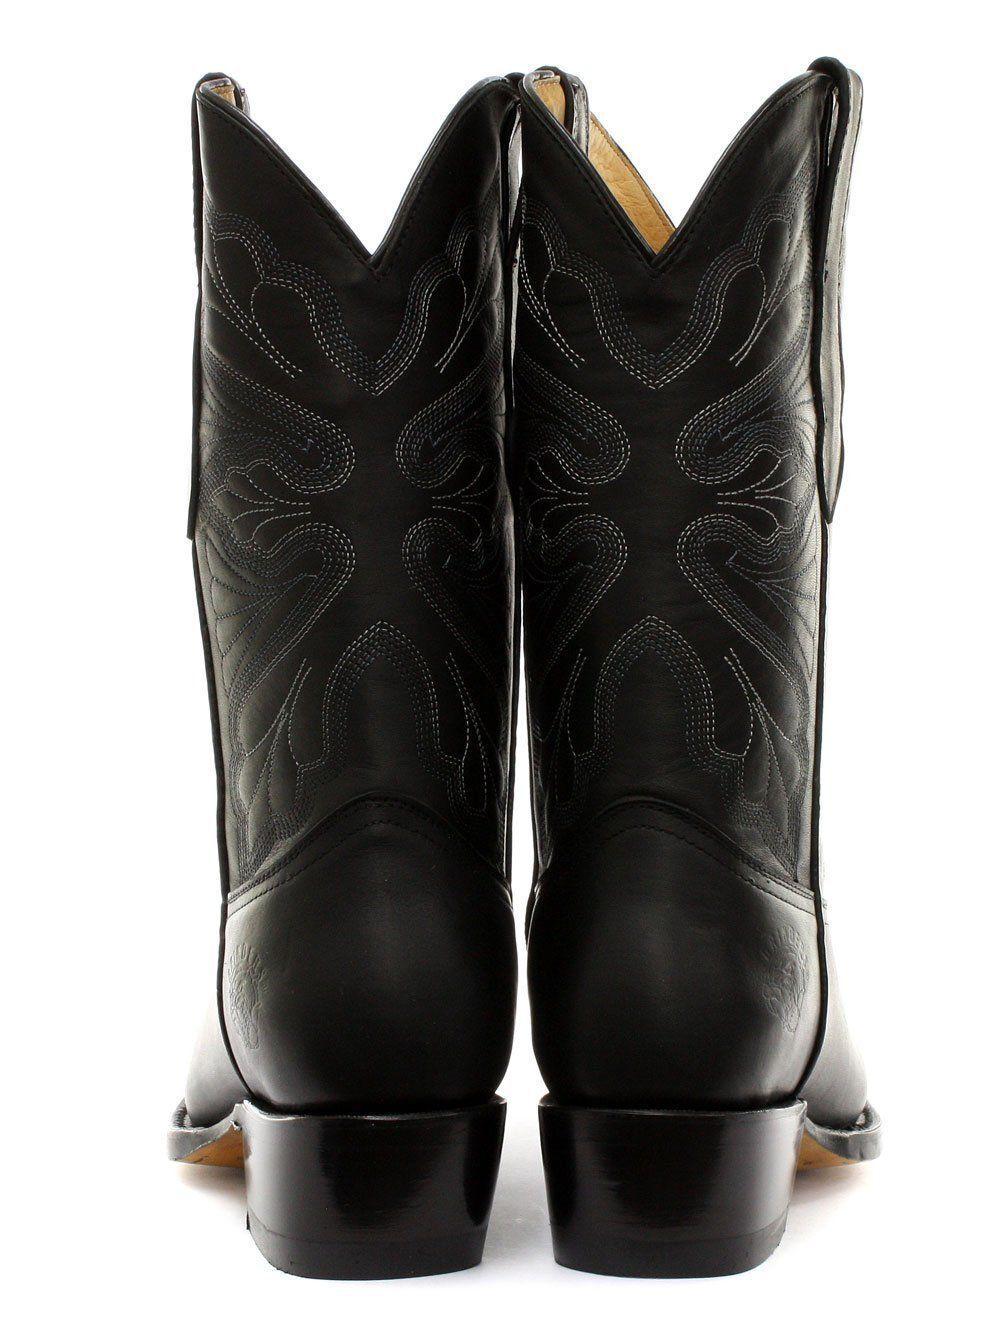 Señoras Bota De Cuero Negro Vaquero Occidental Molinillos puntiagudo Dallas Sin Cordones Botas puntiagudo Molinillos f727bb